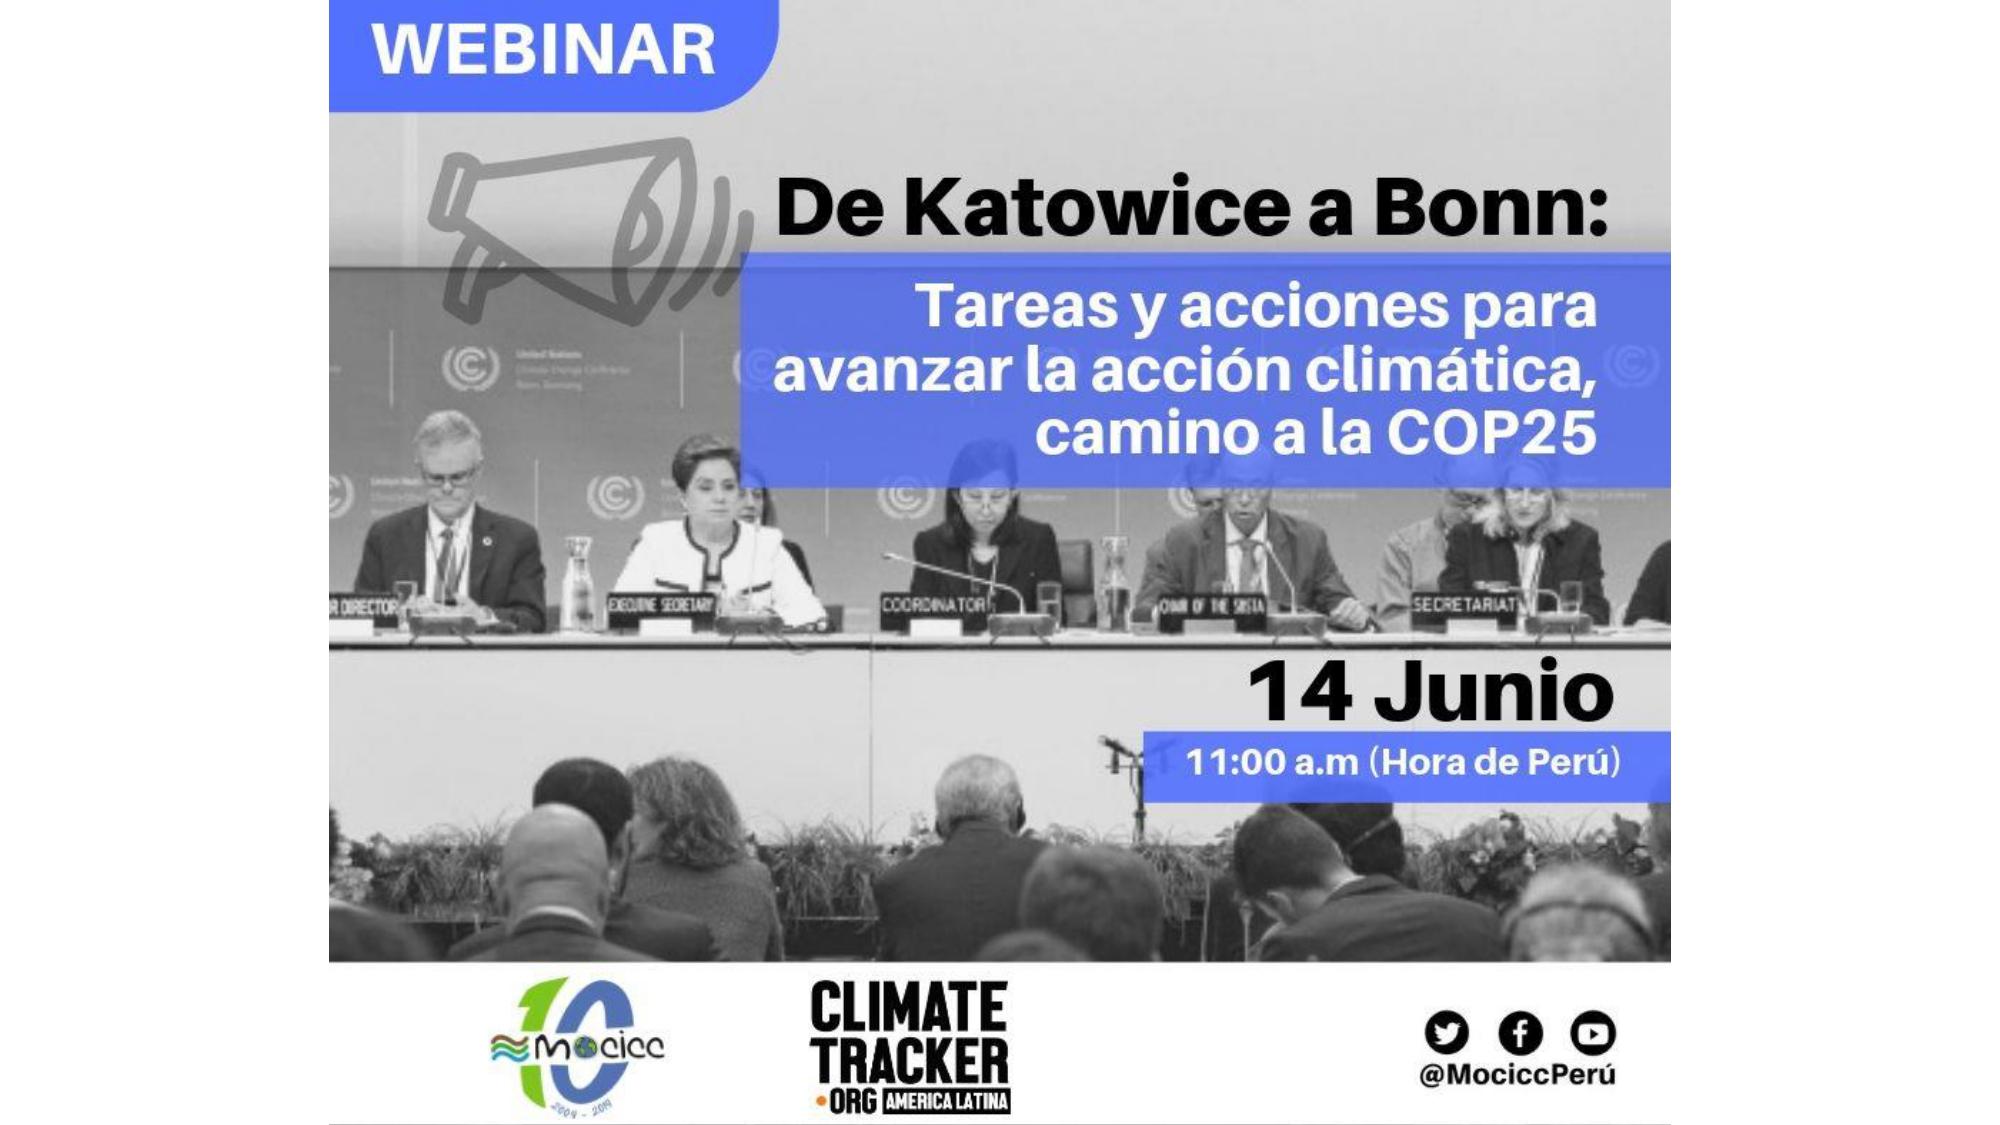 Katowice a Bonn: Tareas y acciones para la acción climática camino a la COP25